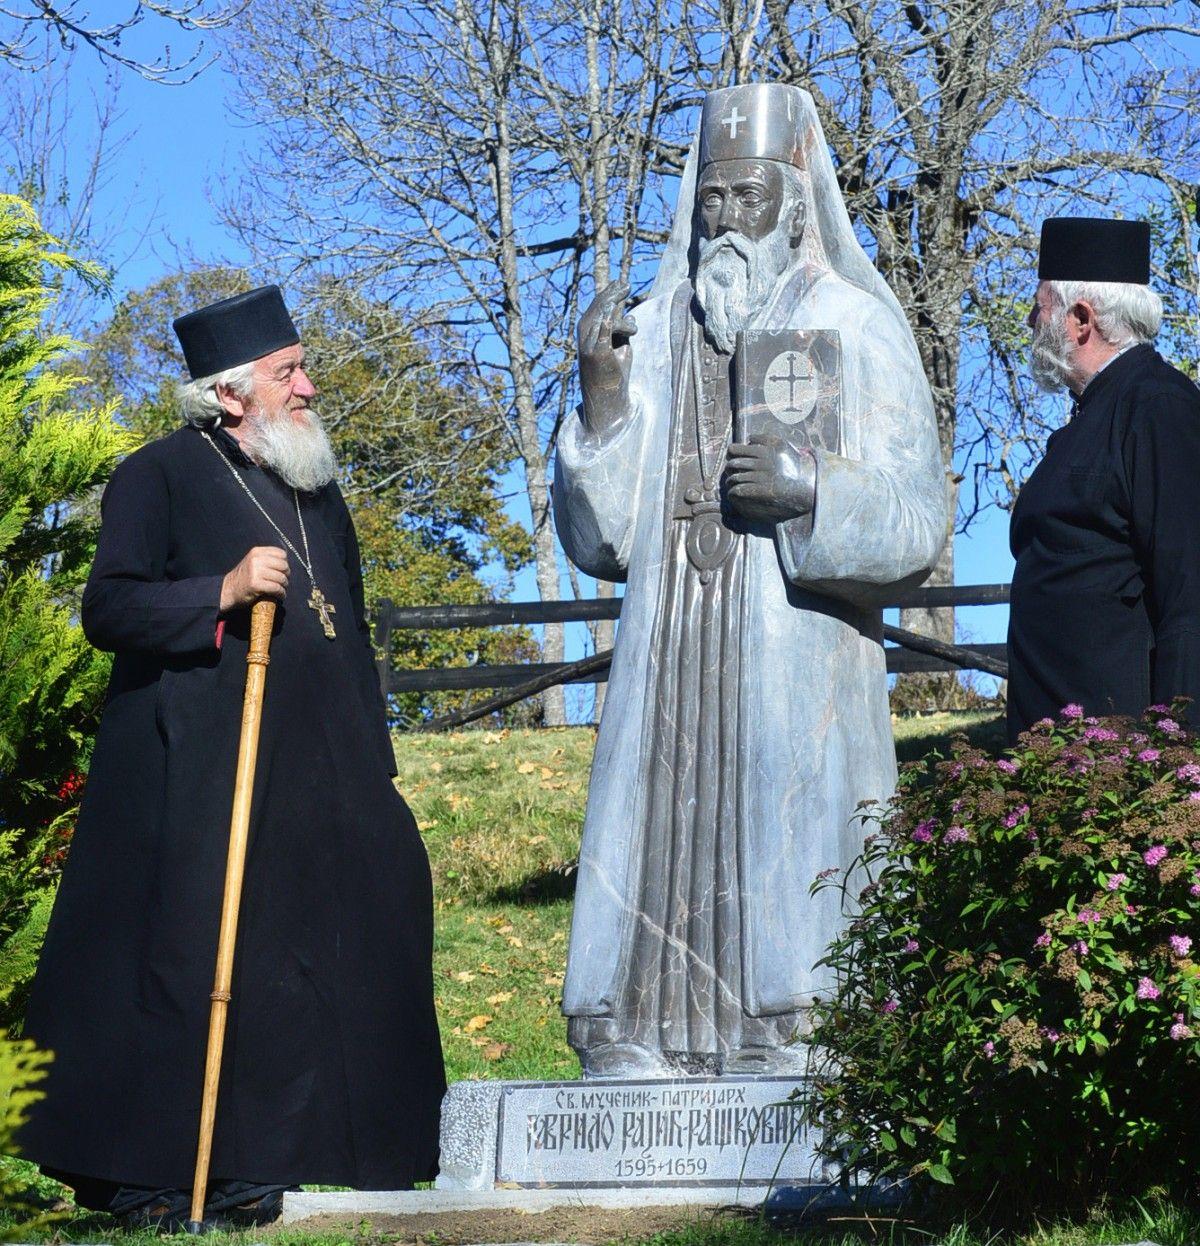 Споменик  патријарху Гаврилу Рашковићу, дело вајара Владана Митровића